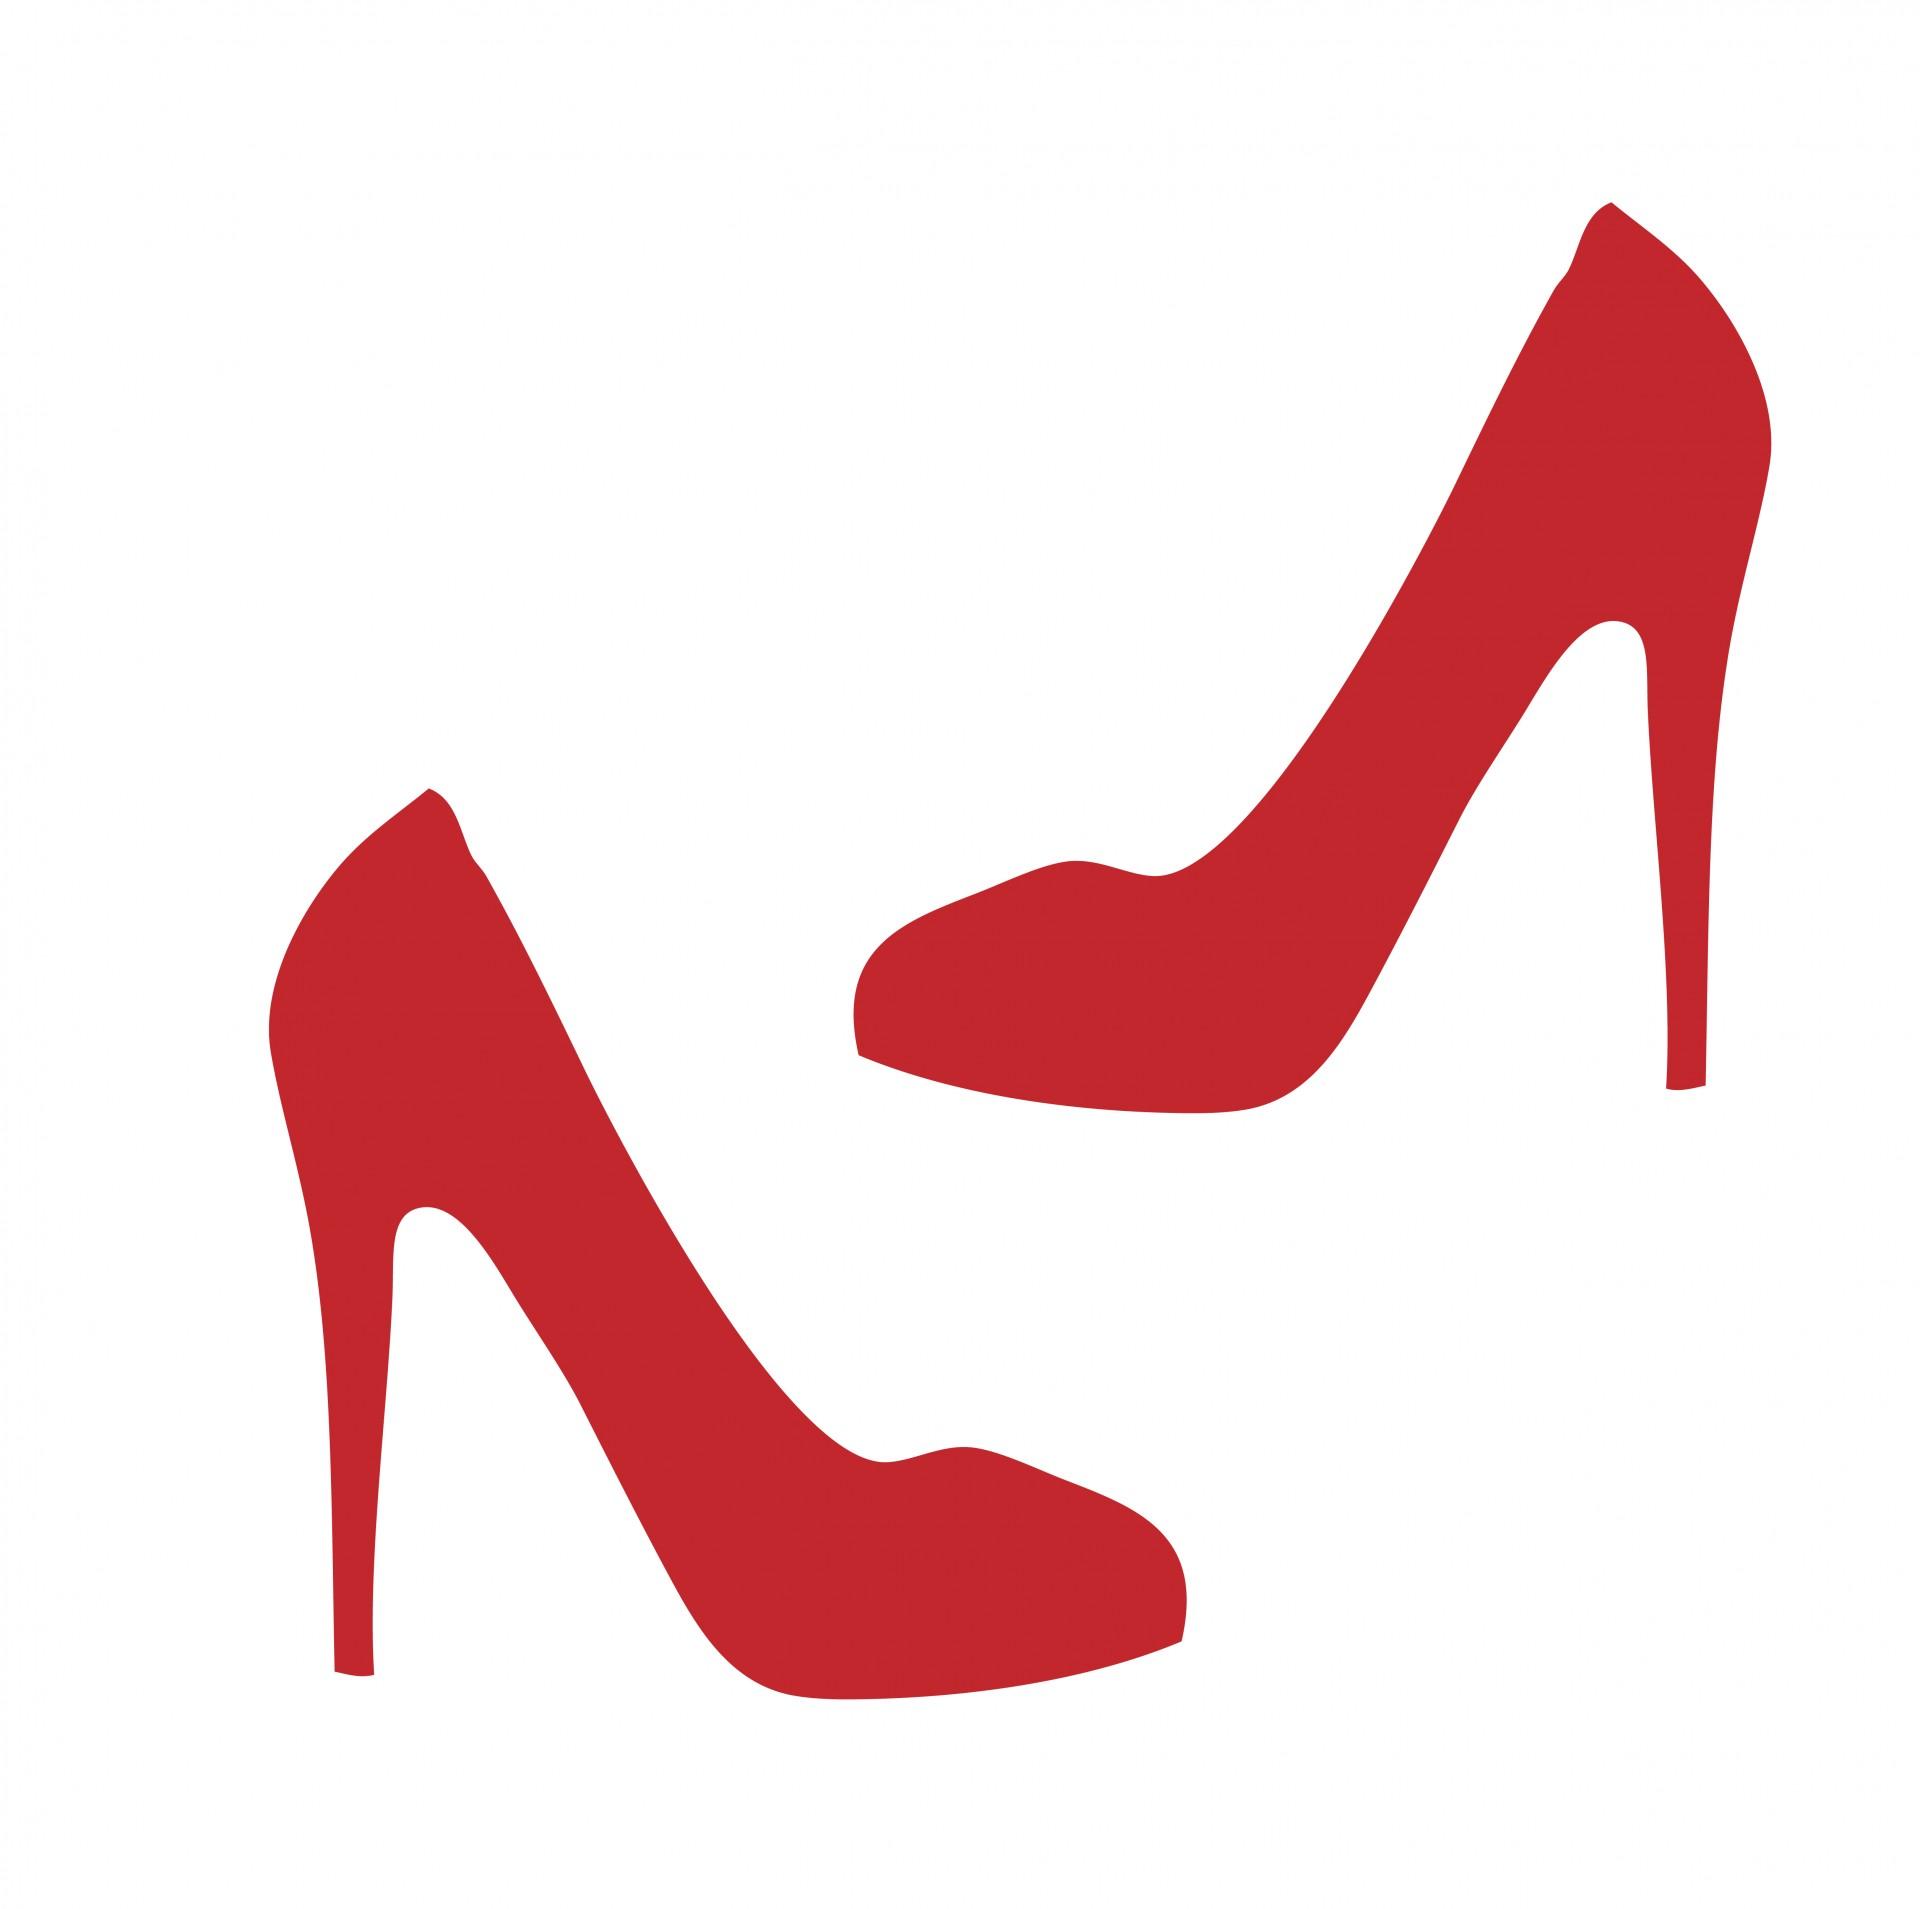 Heels Clipart - Heels Clipart